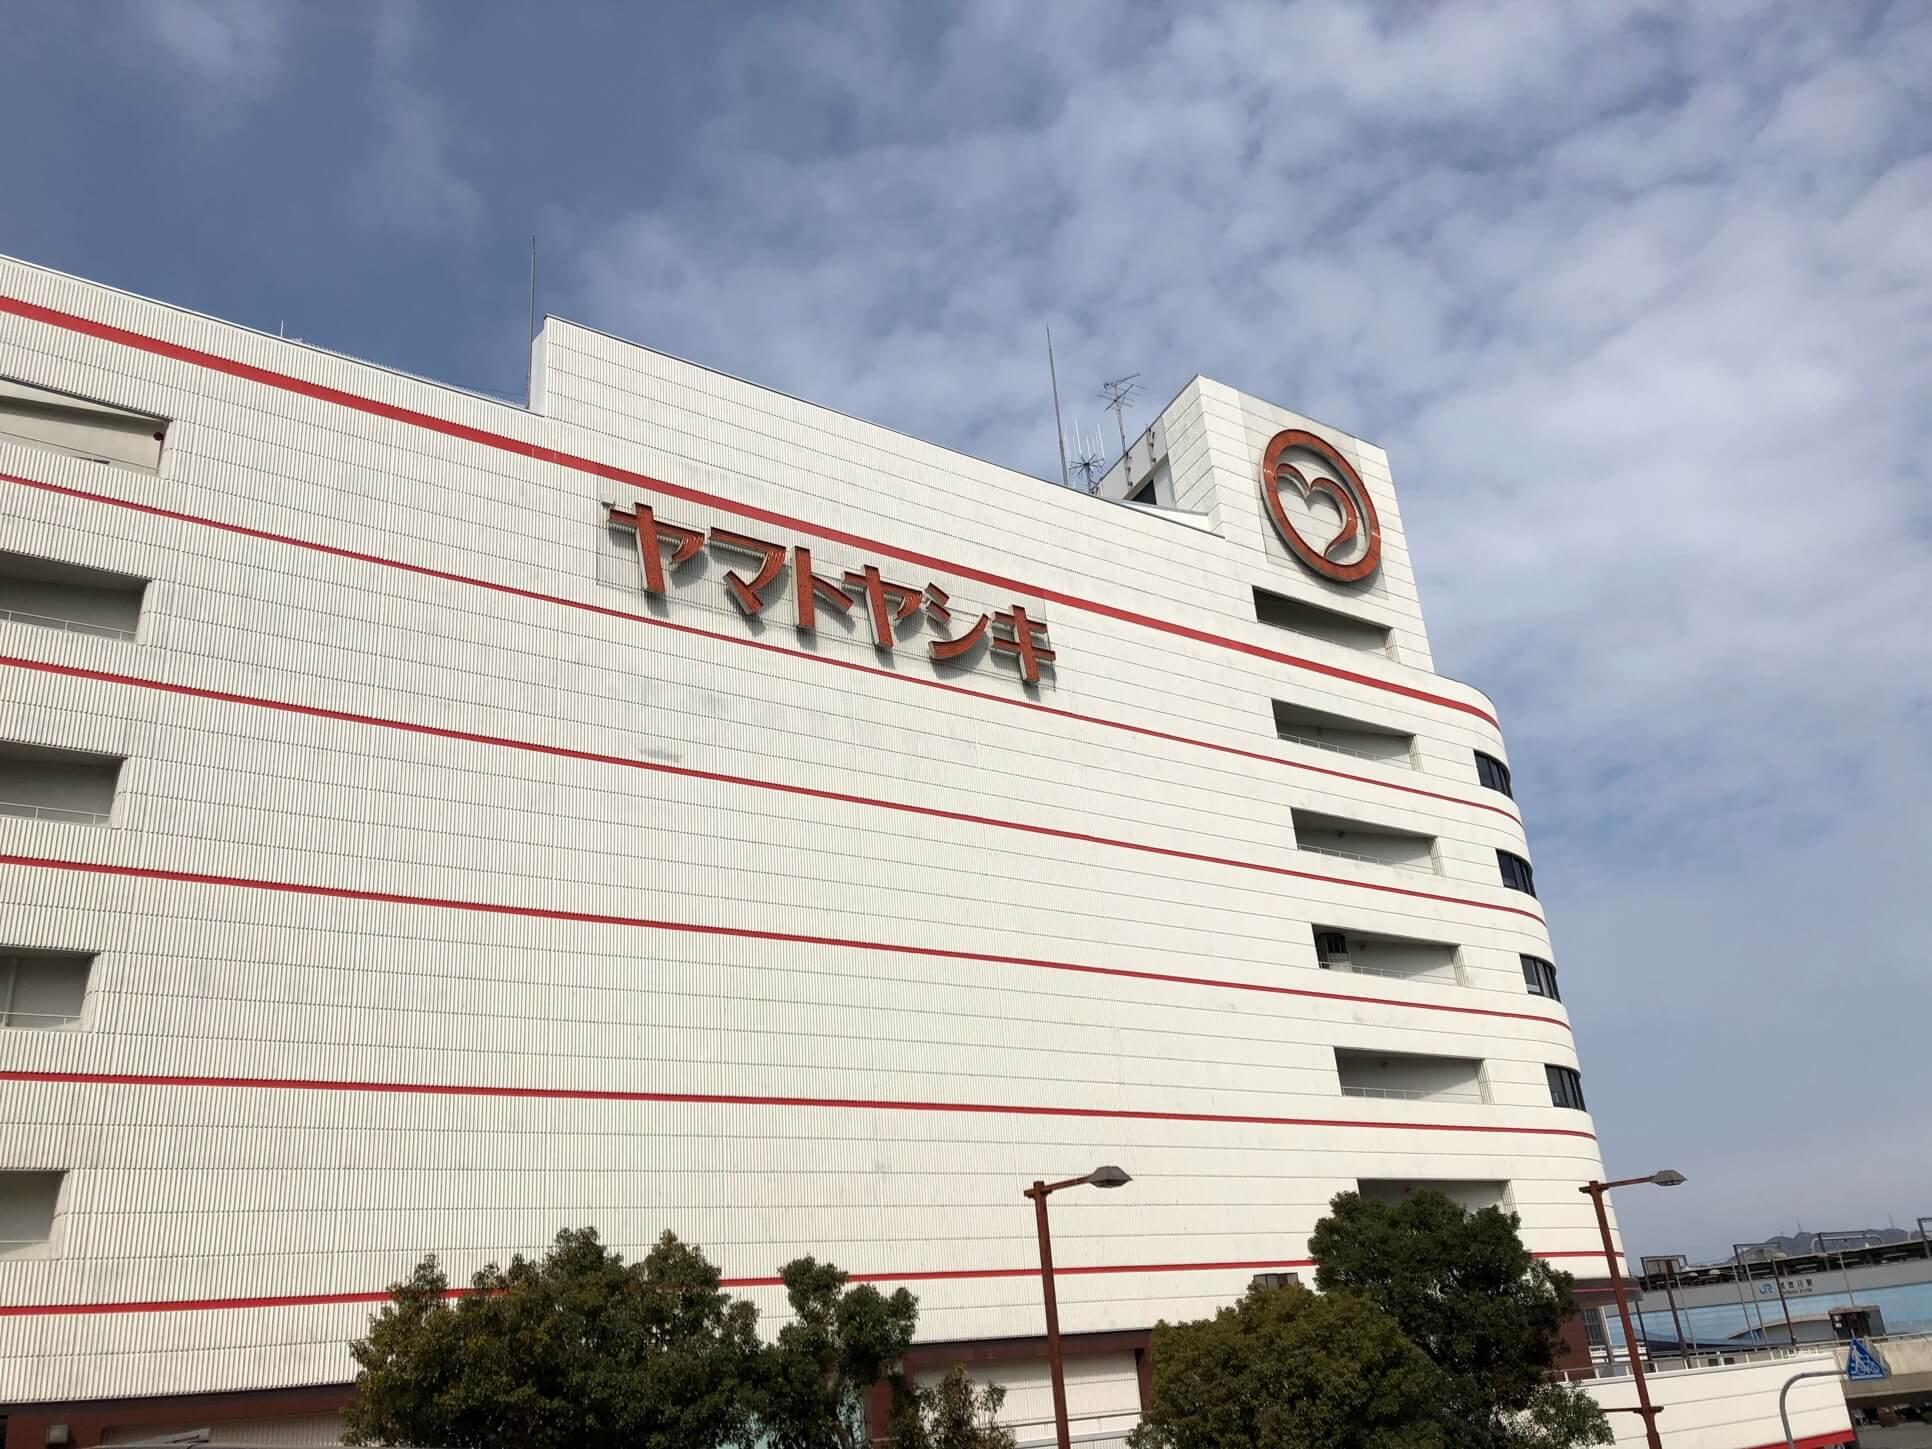 【加古川市】台風10号による休業又は営業時間変更のある店舗